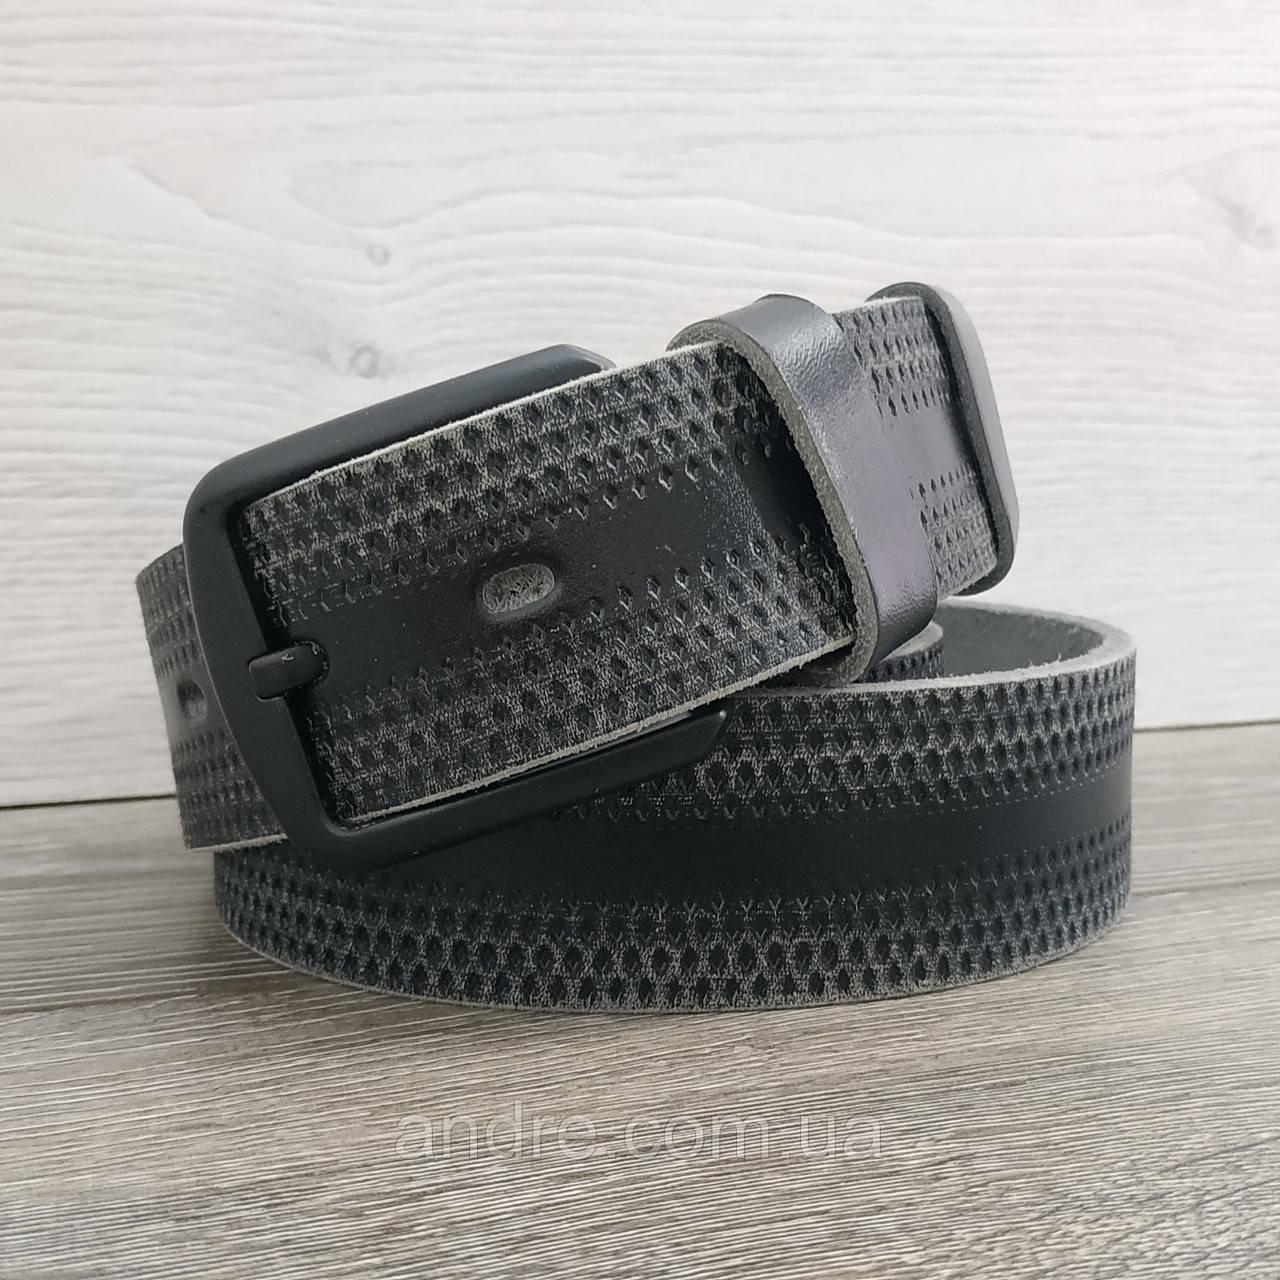 Ремень кожаный 4 см черный с потертостями